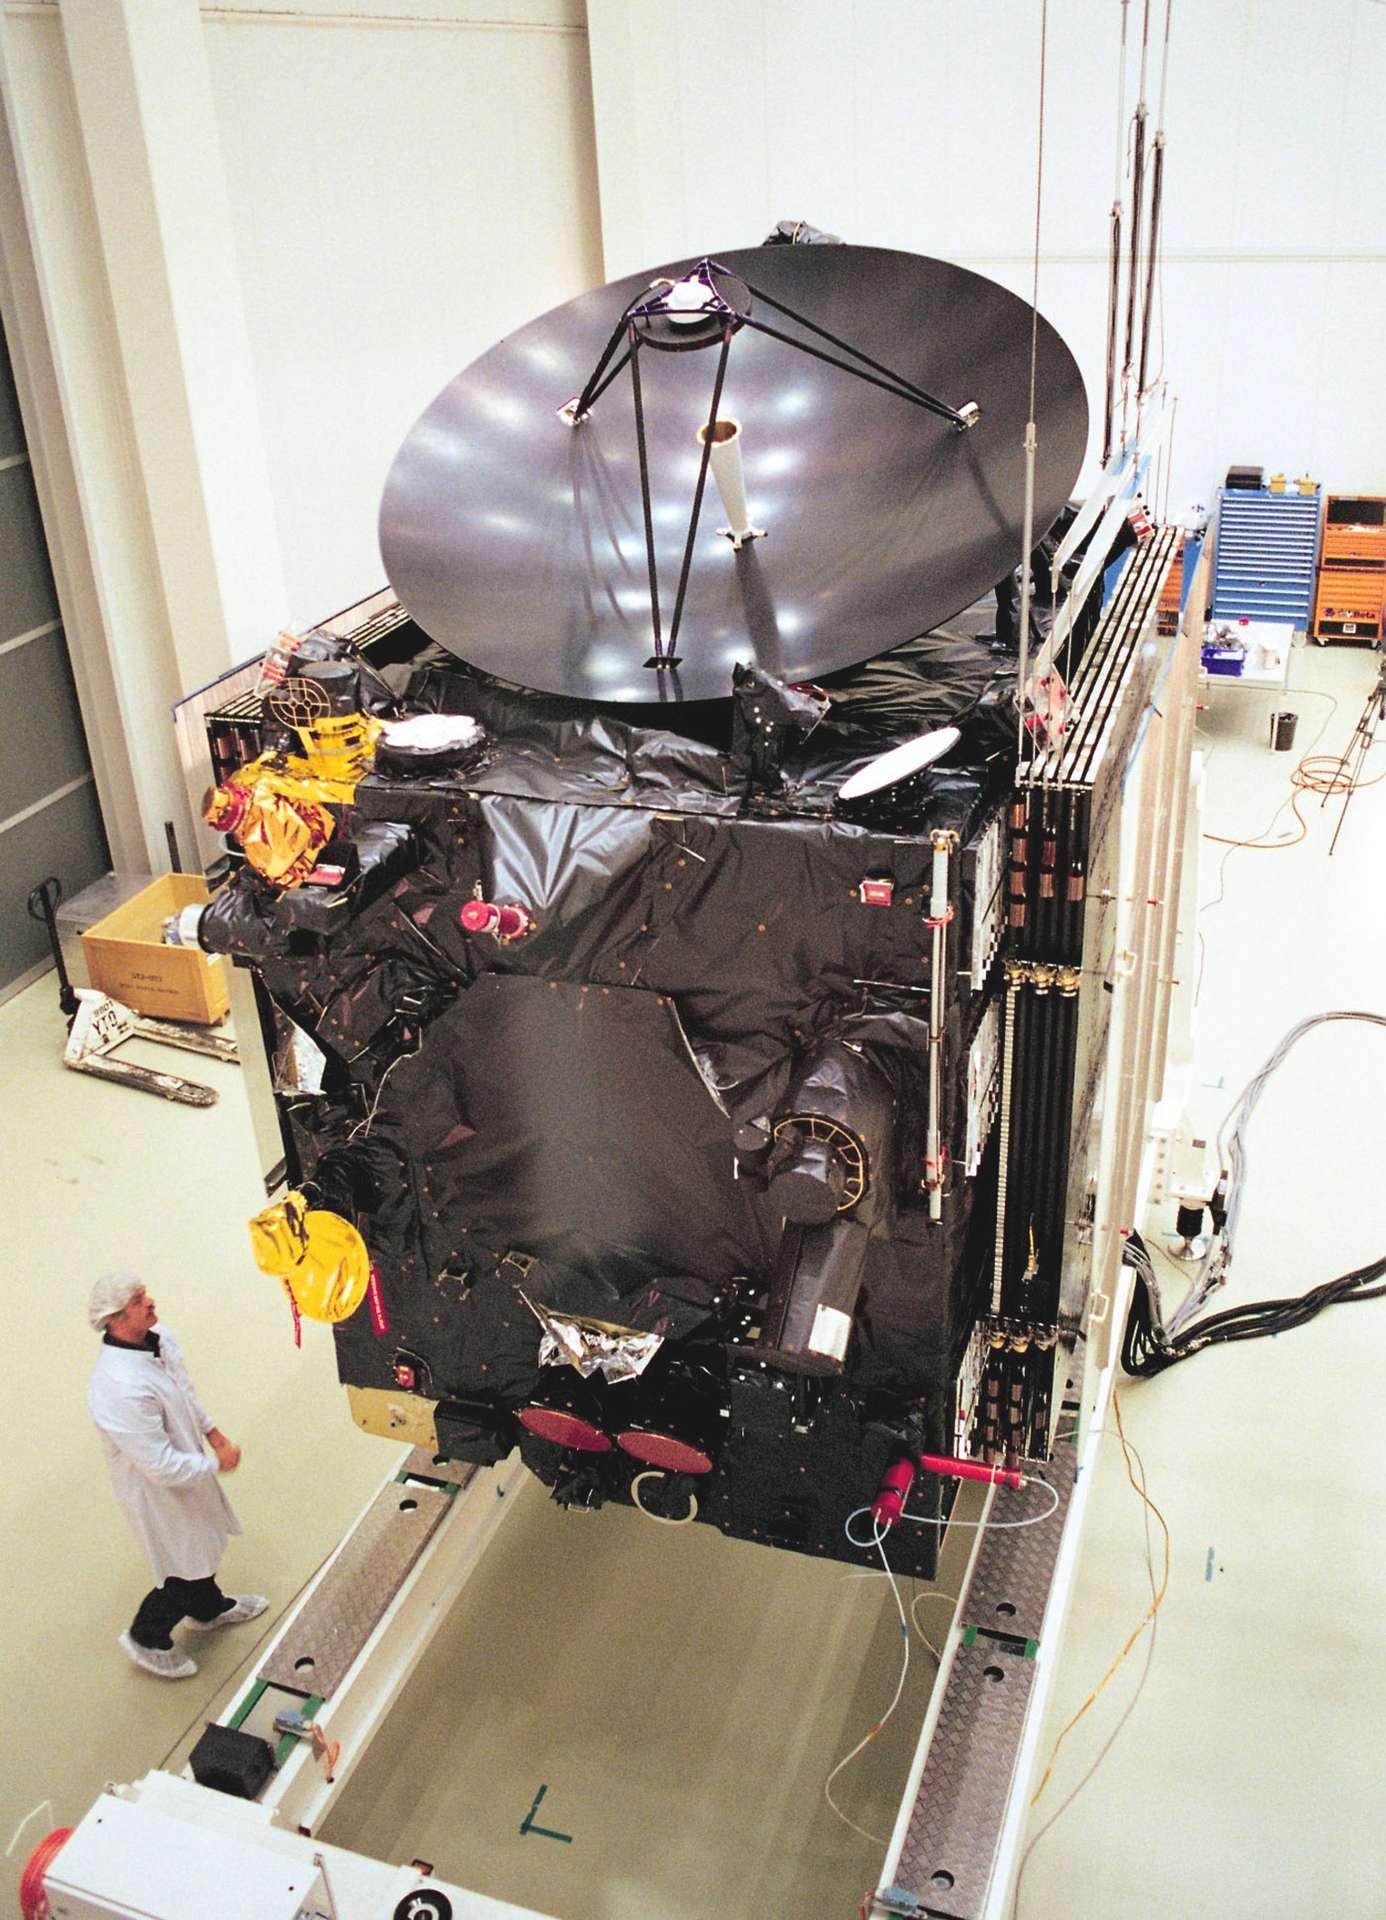 Construit par Airbus DS, le satellite Rosetta est vu ici avec ses panneaux solaires repliés et la grande antenne qui lui permettra de communiquer avec la Terre. © Airbus Defence & Space